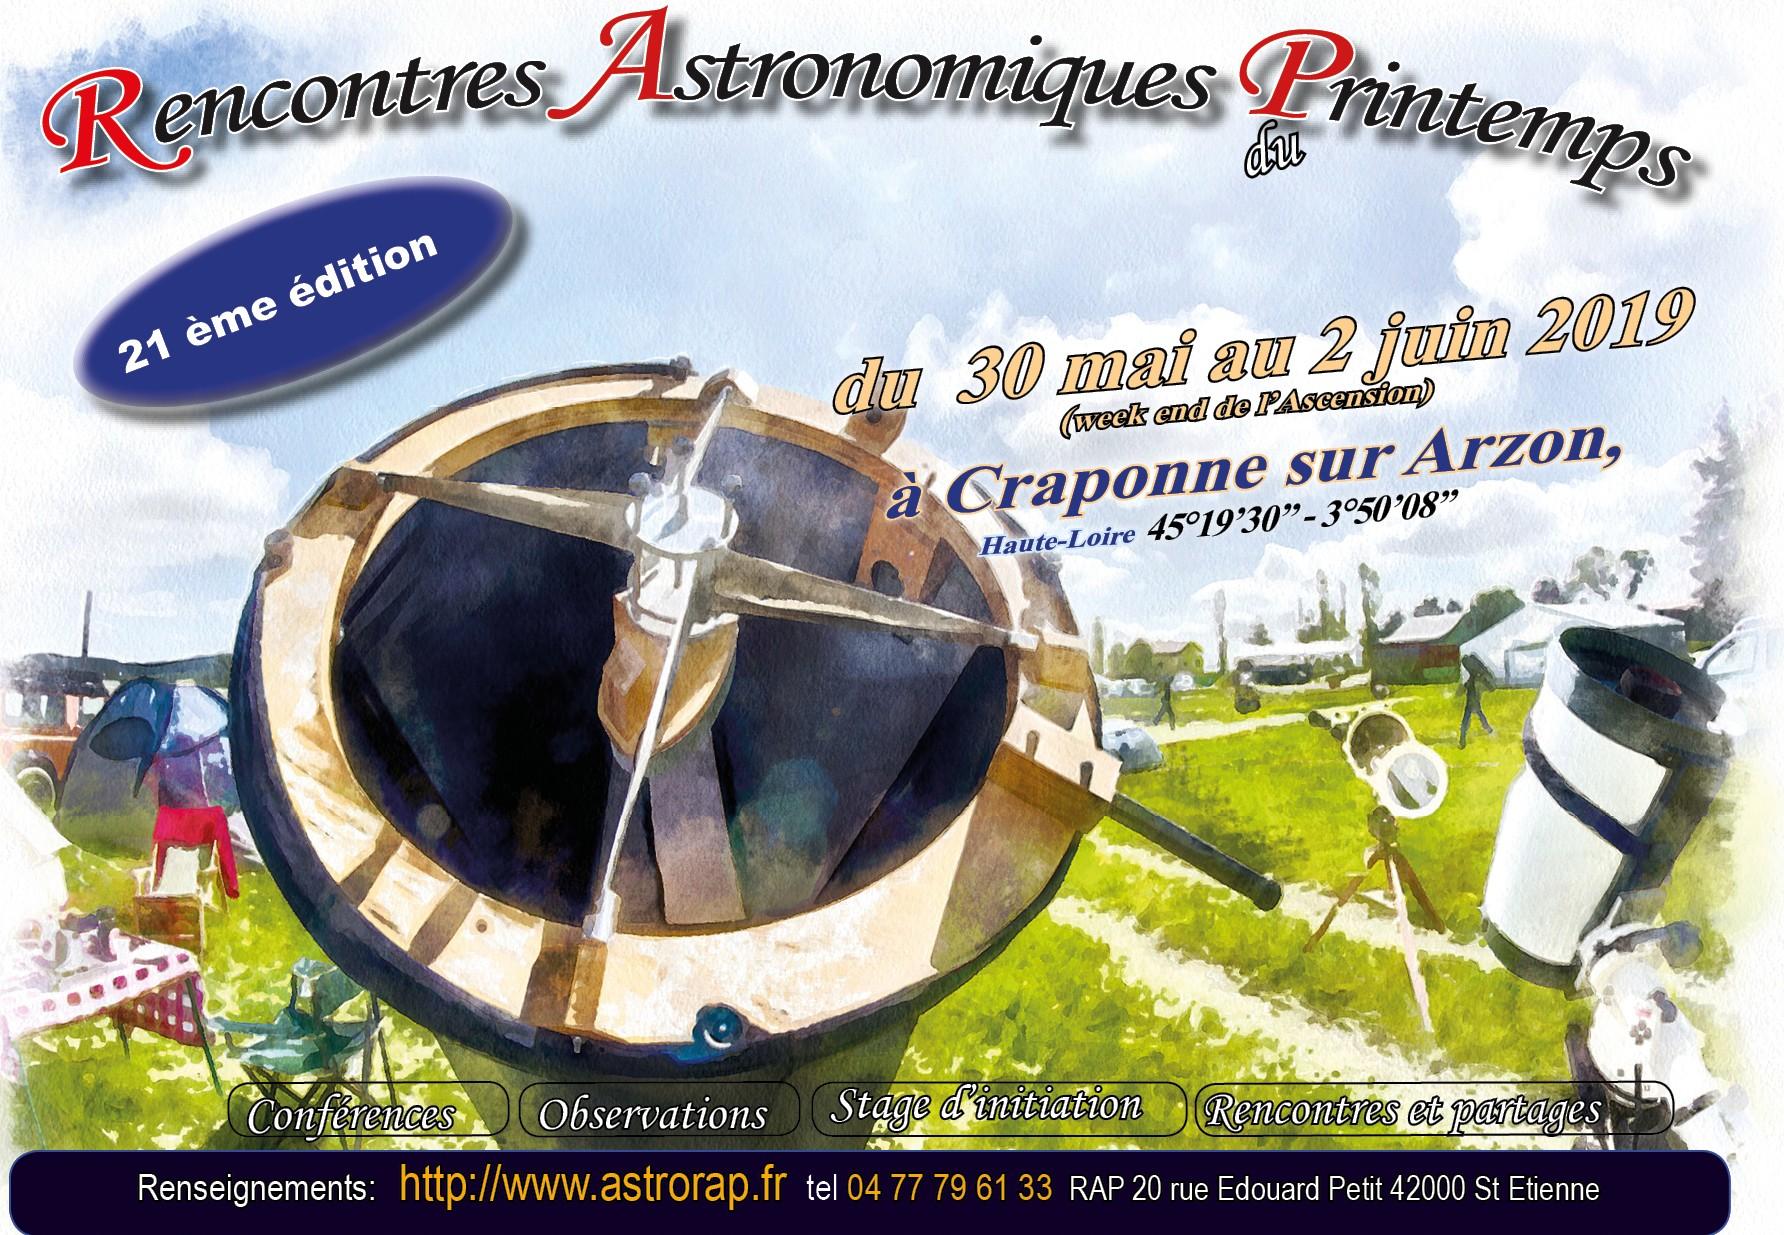 rencontres astronomiques du printemps